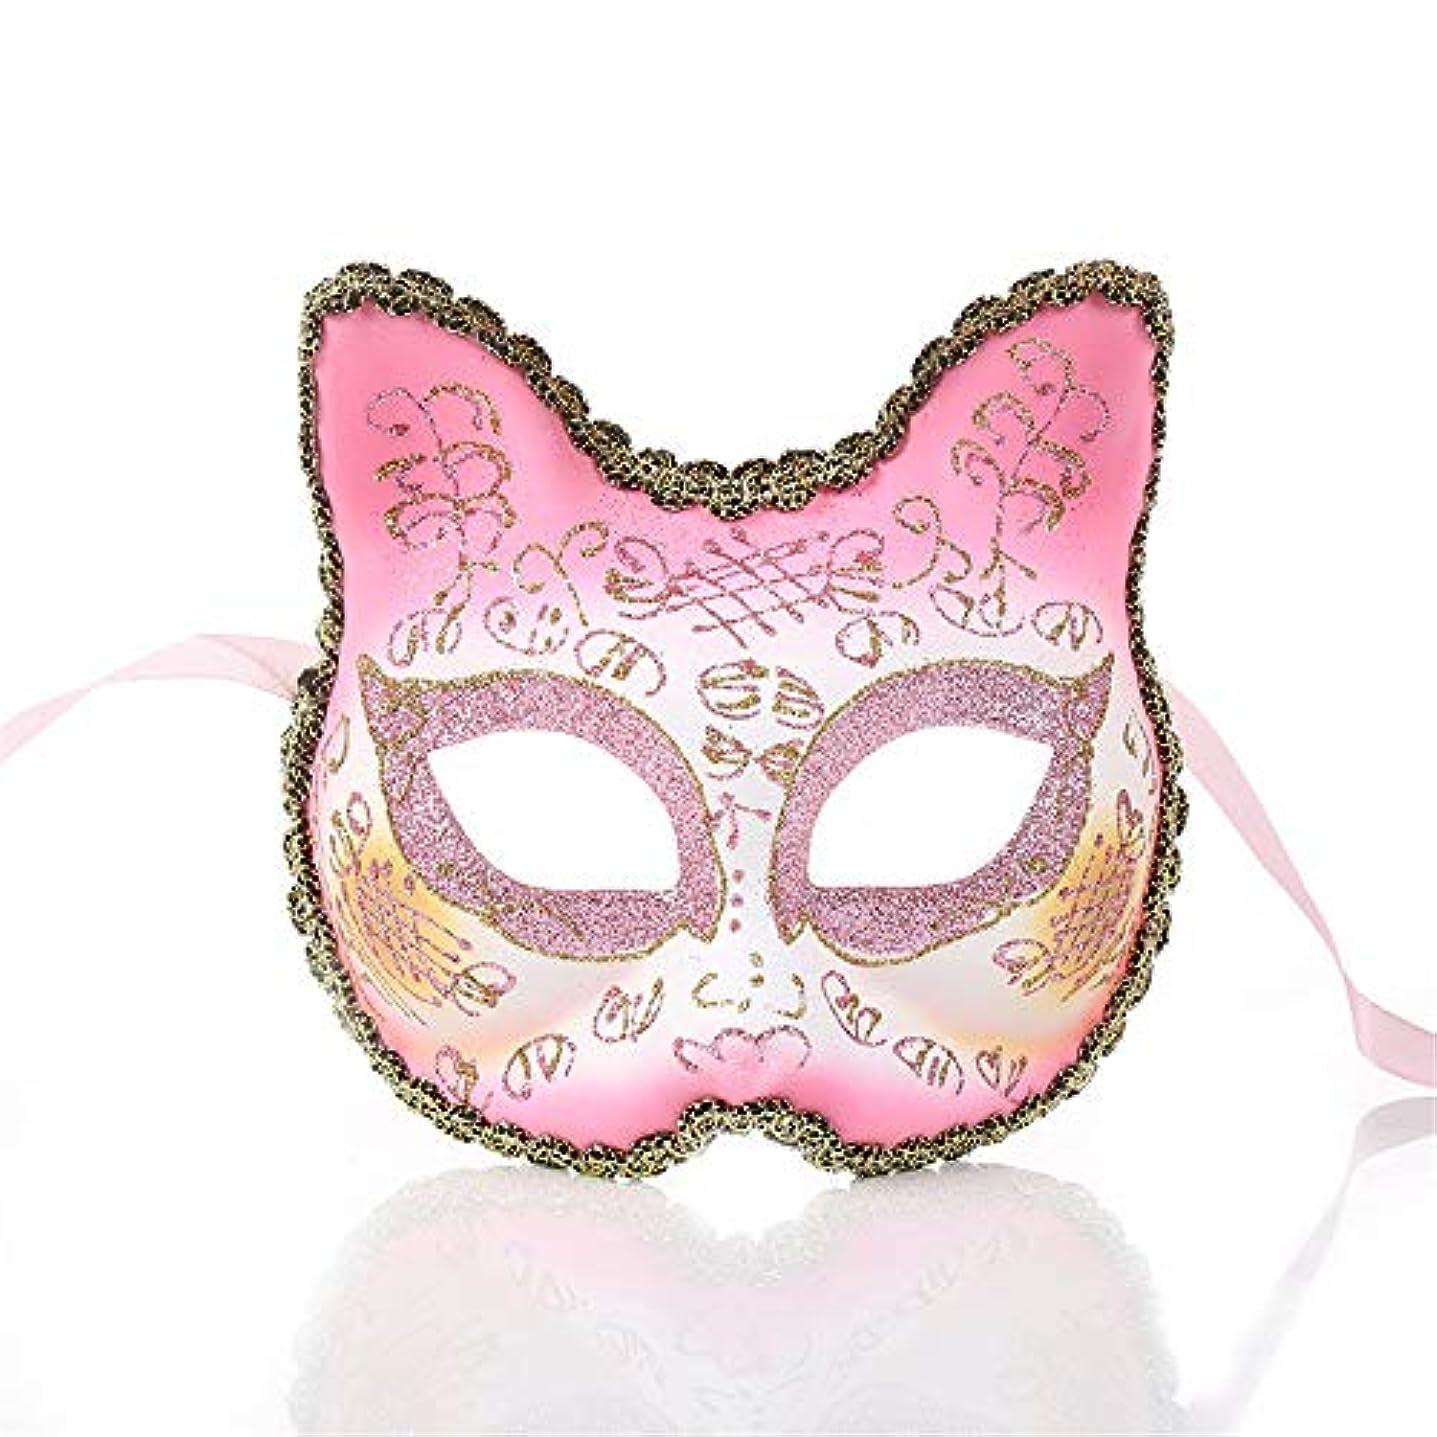 確執申請中寛容なダンスマスク ワイルドマスカレードロールプレイングパーティーの小道具ナイトクラブのマスクの雰囲気クリスマスフェスティバルロールプレイングプラスチックマスク ホリデーパーティー用品 (色 : ピンク, サイズ : 13x13cm)